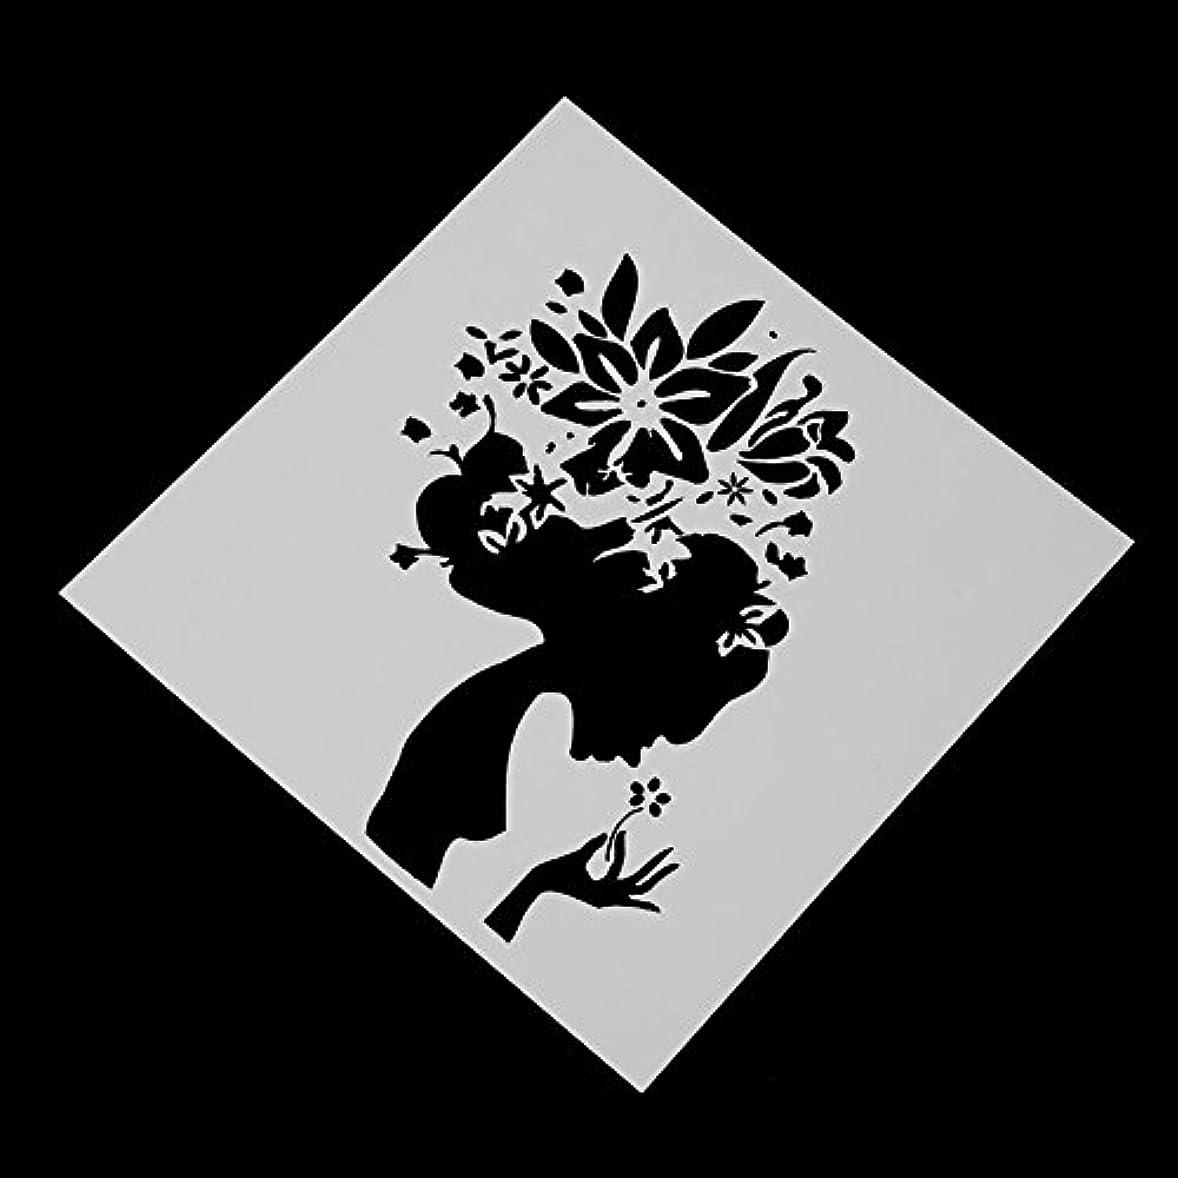 キャプテン累計衣類Demiawaking 製紙工芸品 ギャル 紙カード 炭素鋼製 切削ステンシル 切断モデル エンボス金型 カッティング スクラップブッキング DIYクラフト 製紙工芸品 手作りツール 手芸用品  紙エンボス テンプレート